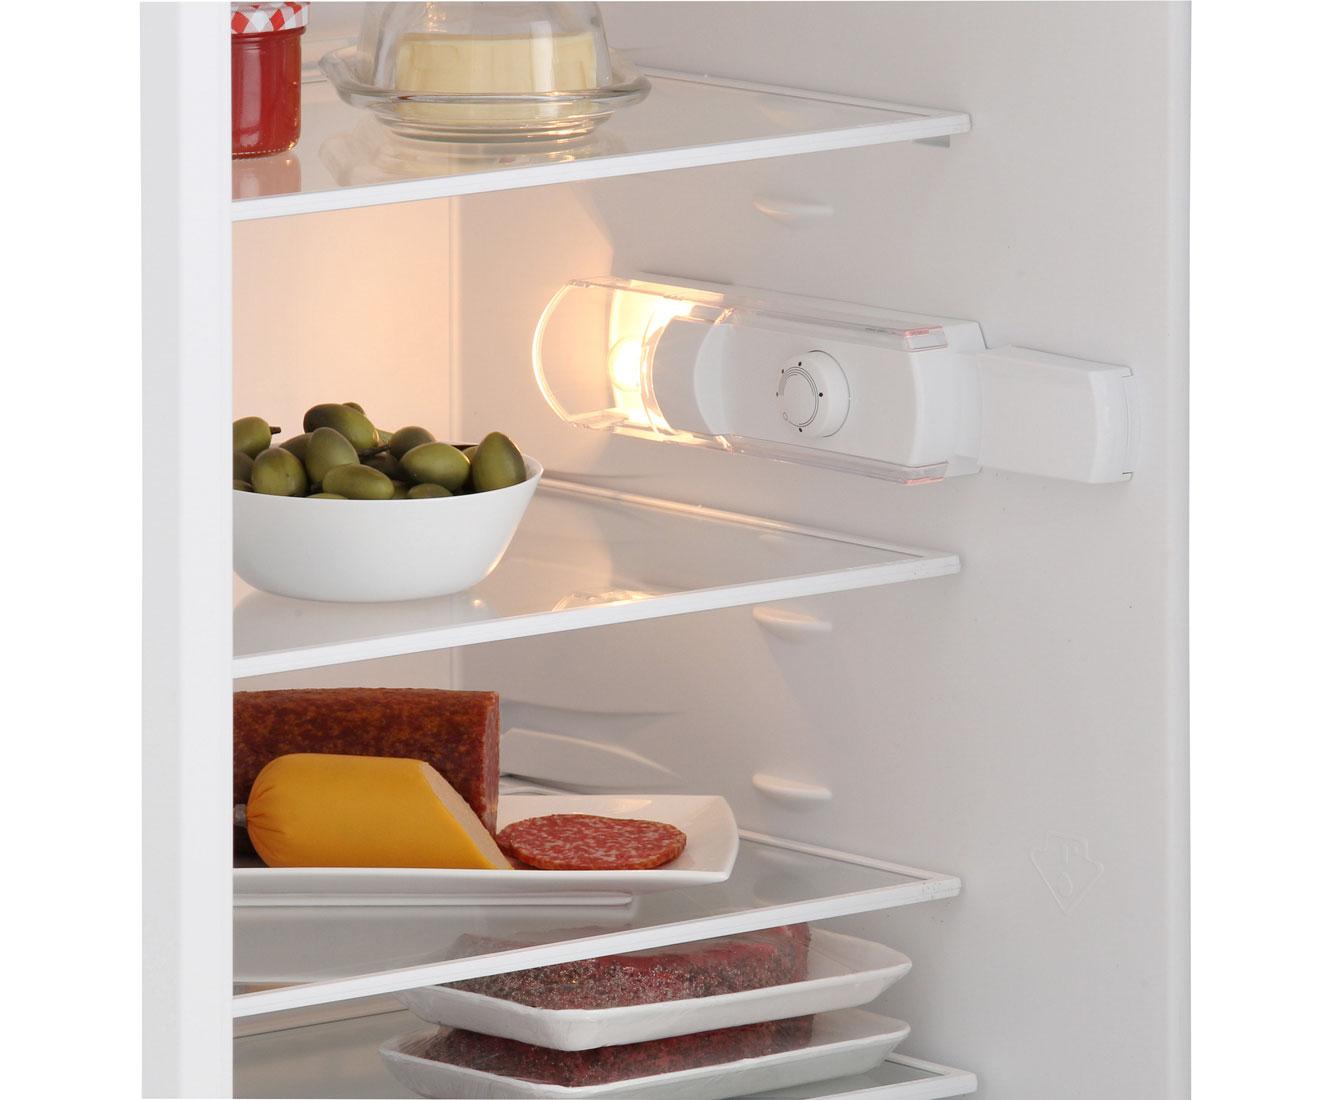 Siemens Kühlschrank Tür Justieren : Siemens kühlschrank tür einstellen: kühlschranktür von links nach